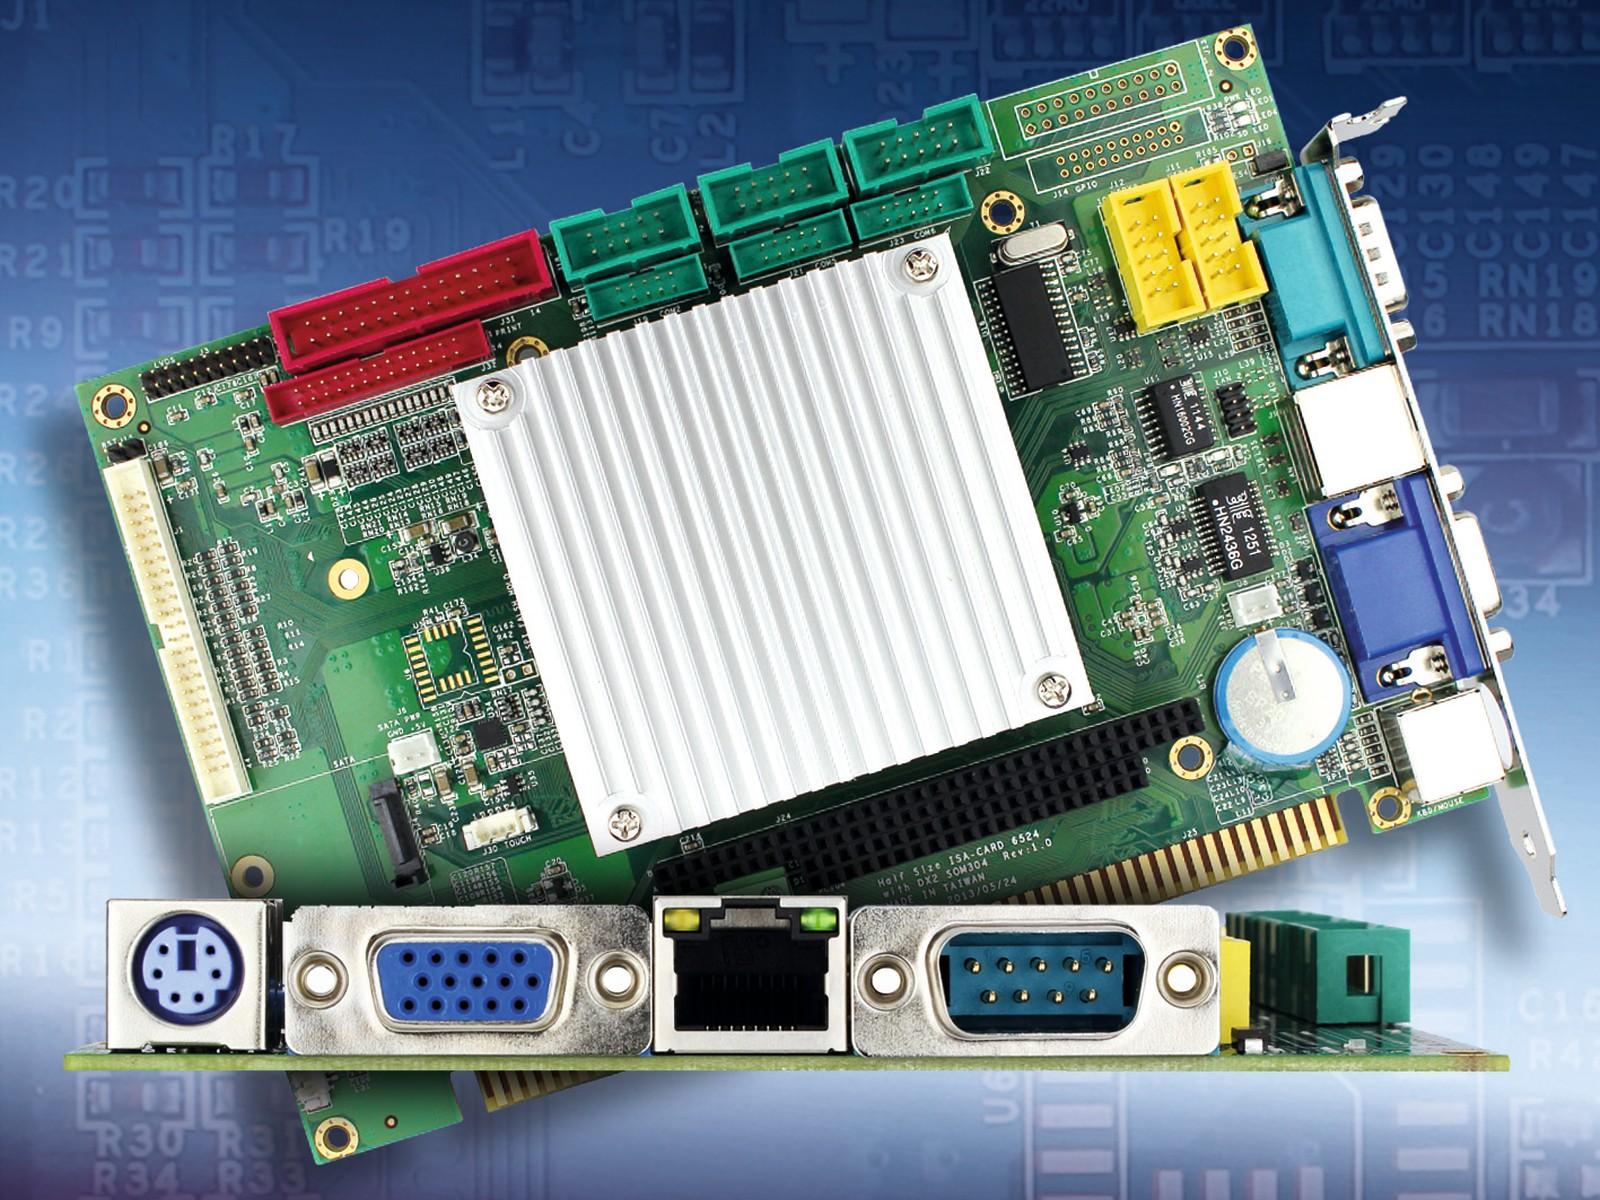 Die ISA-Slot-CPU im halfsize-Format VDX3-6724 hat einen PC/104-Steckplatz und lässt sich über Backplane oder PC/104-Slot anwendungsspezifisch mit Mess- und Steuerkarten im ISA-Format ergänzen. Sie eignet sich nicht nur für Retrofit-Anwendungen.